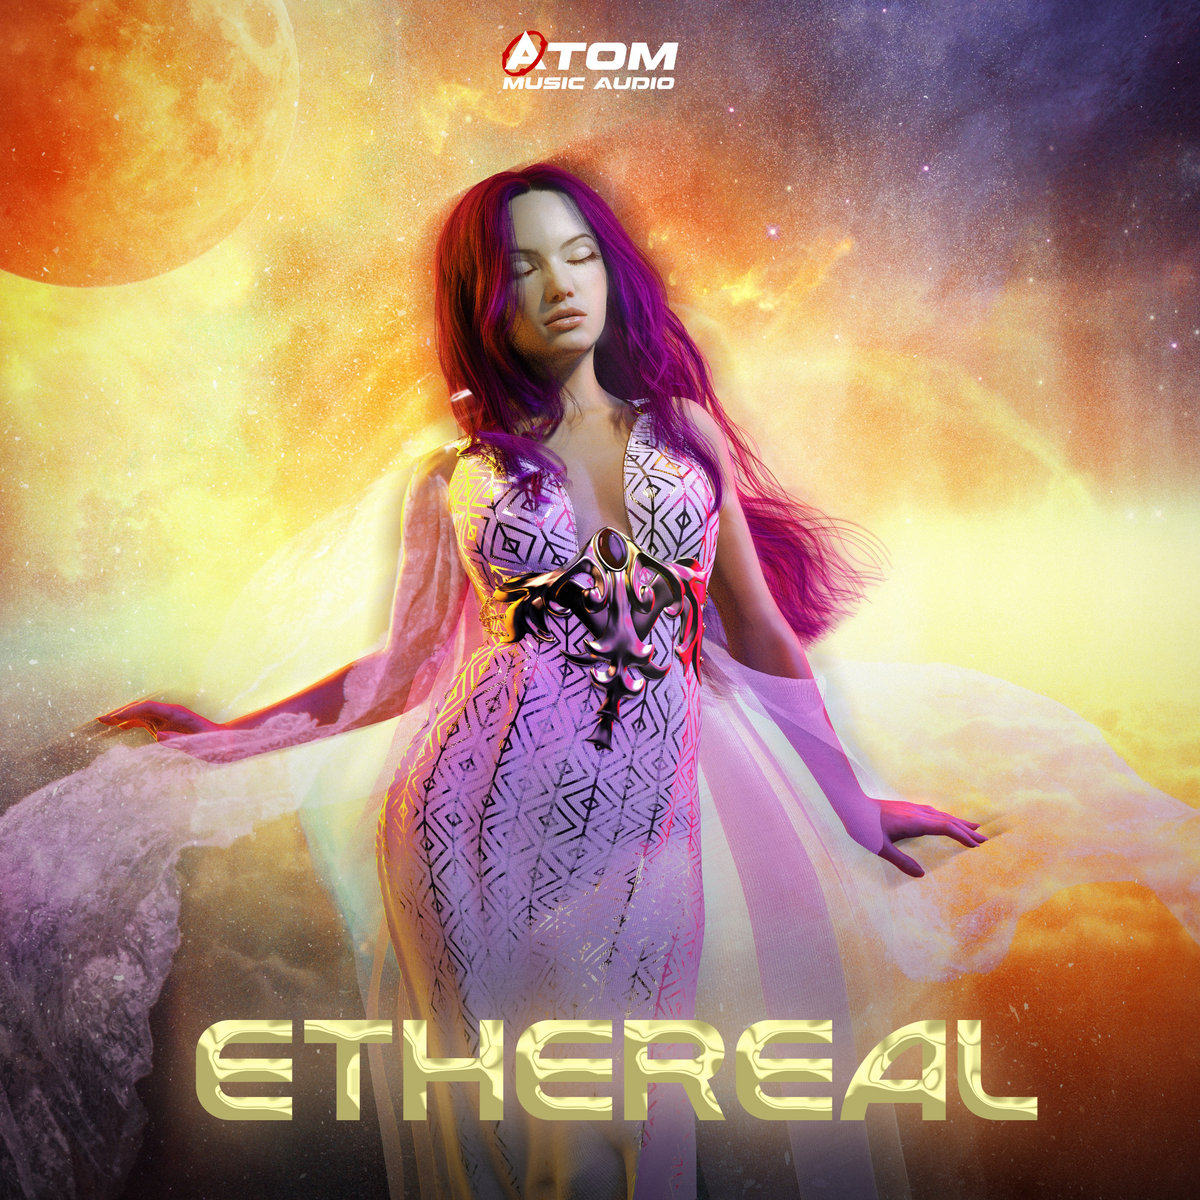 دانلود آلبوم موسیقی Ethereal توسط Atom Music Audio